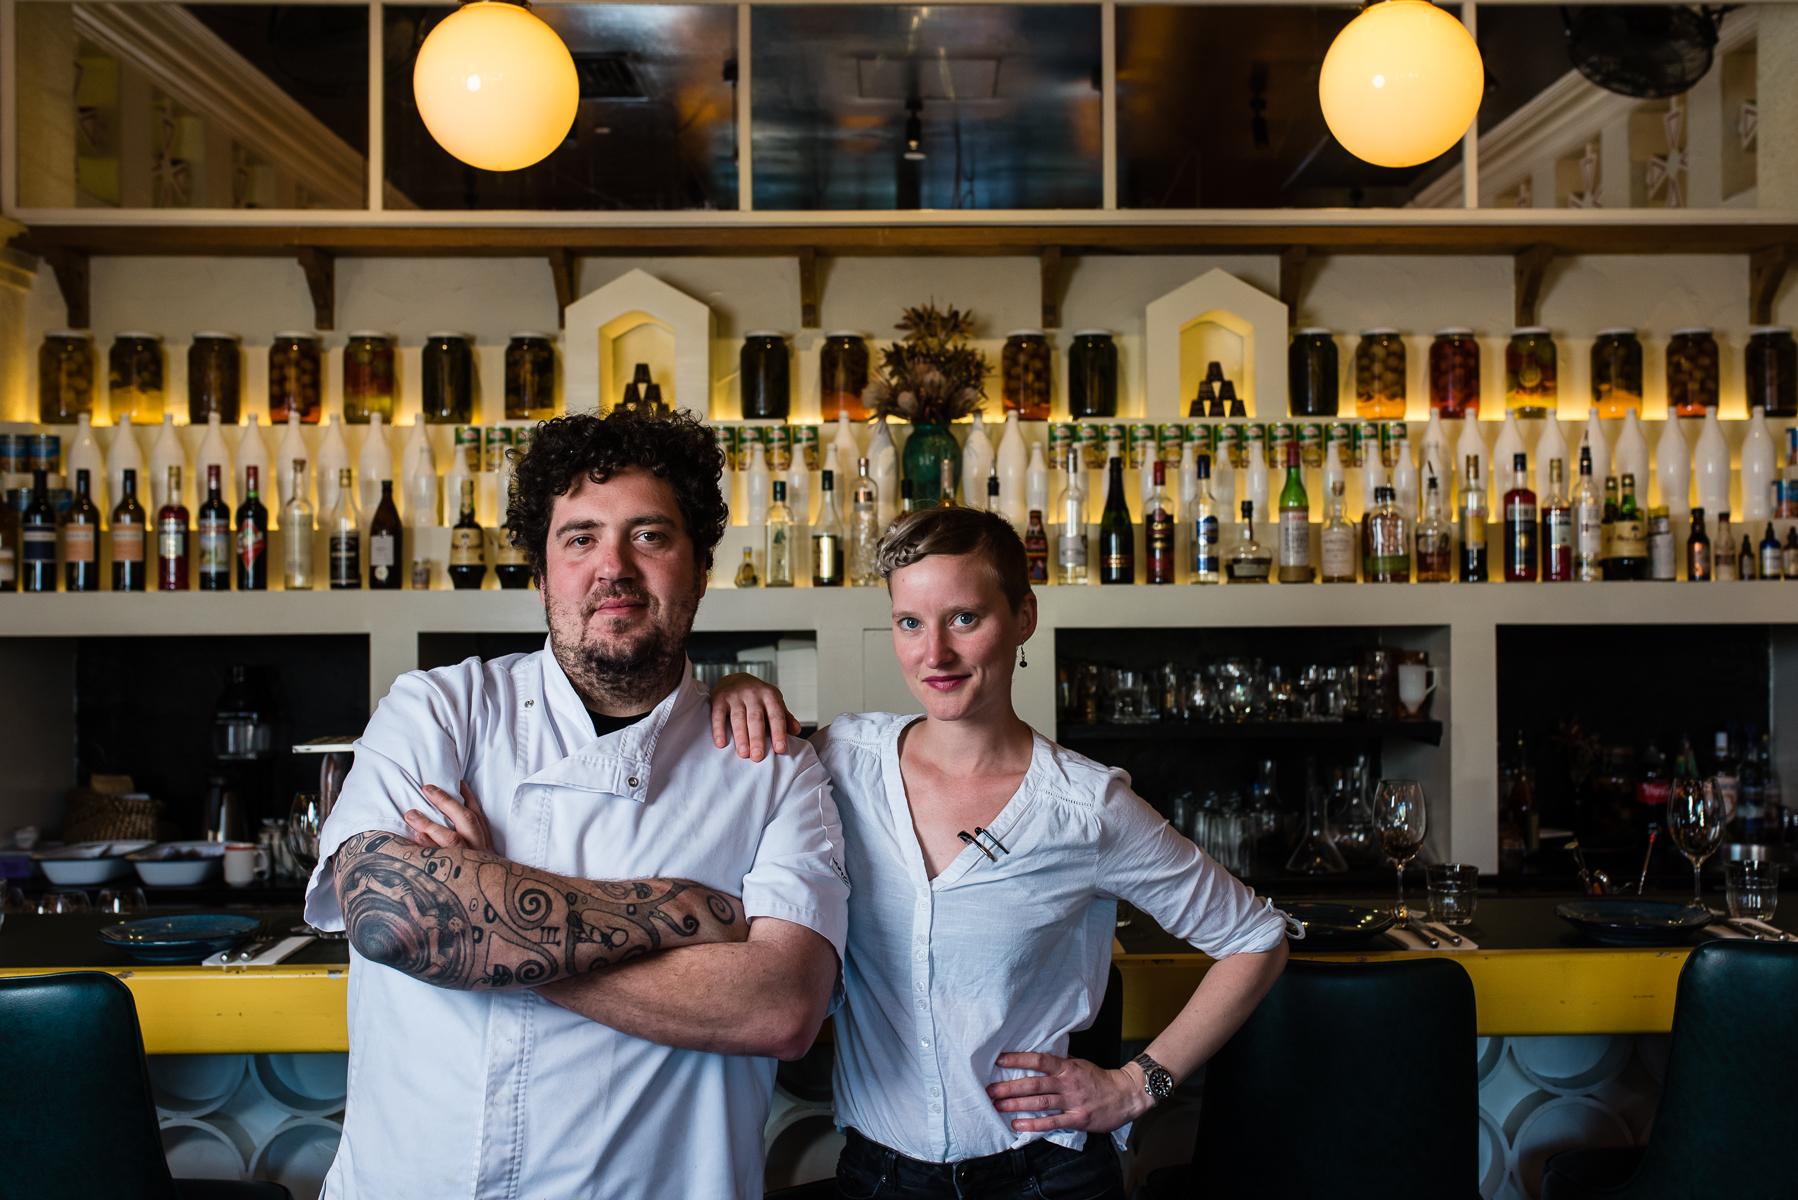 Duncan Welgemoed and Imogen Czulowski